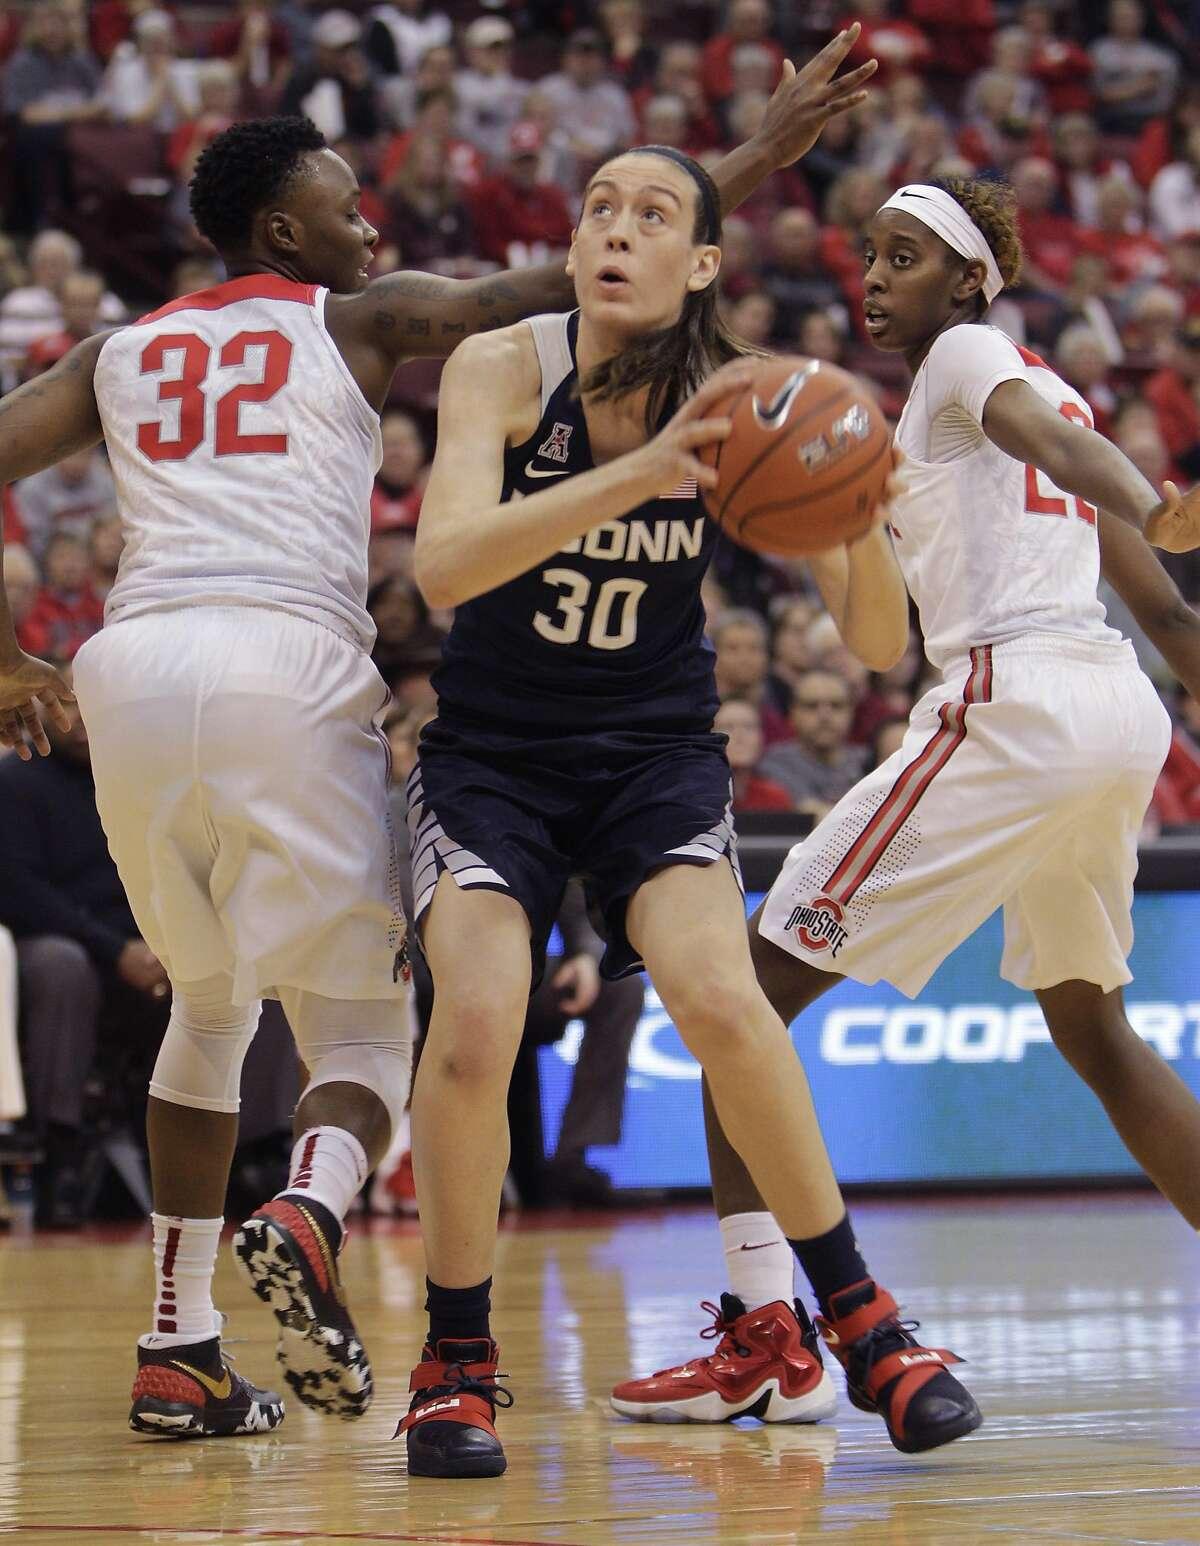 UConn vs. Ohio State - Nov. 16, 2015 W: 100-56 Led team in points: Breanna Stewart (24) Led team in rebounds: Gabby Williams (11)